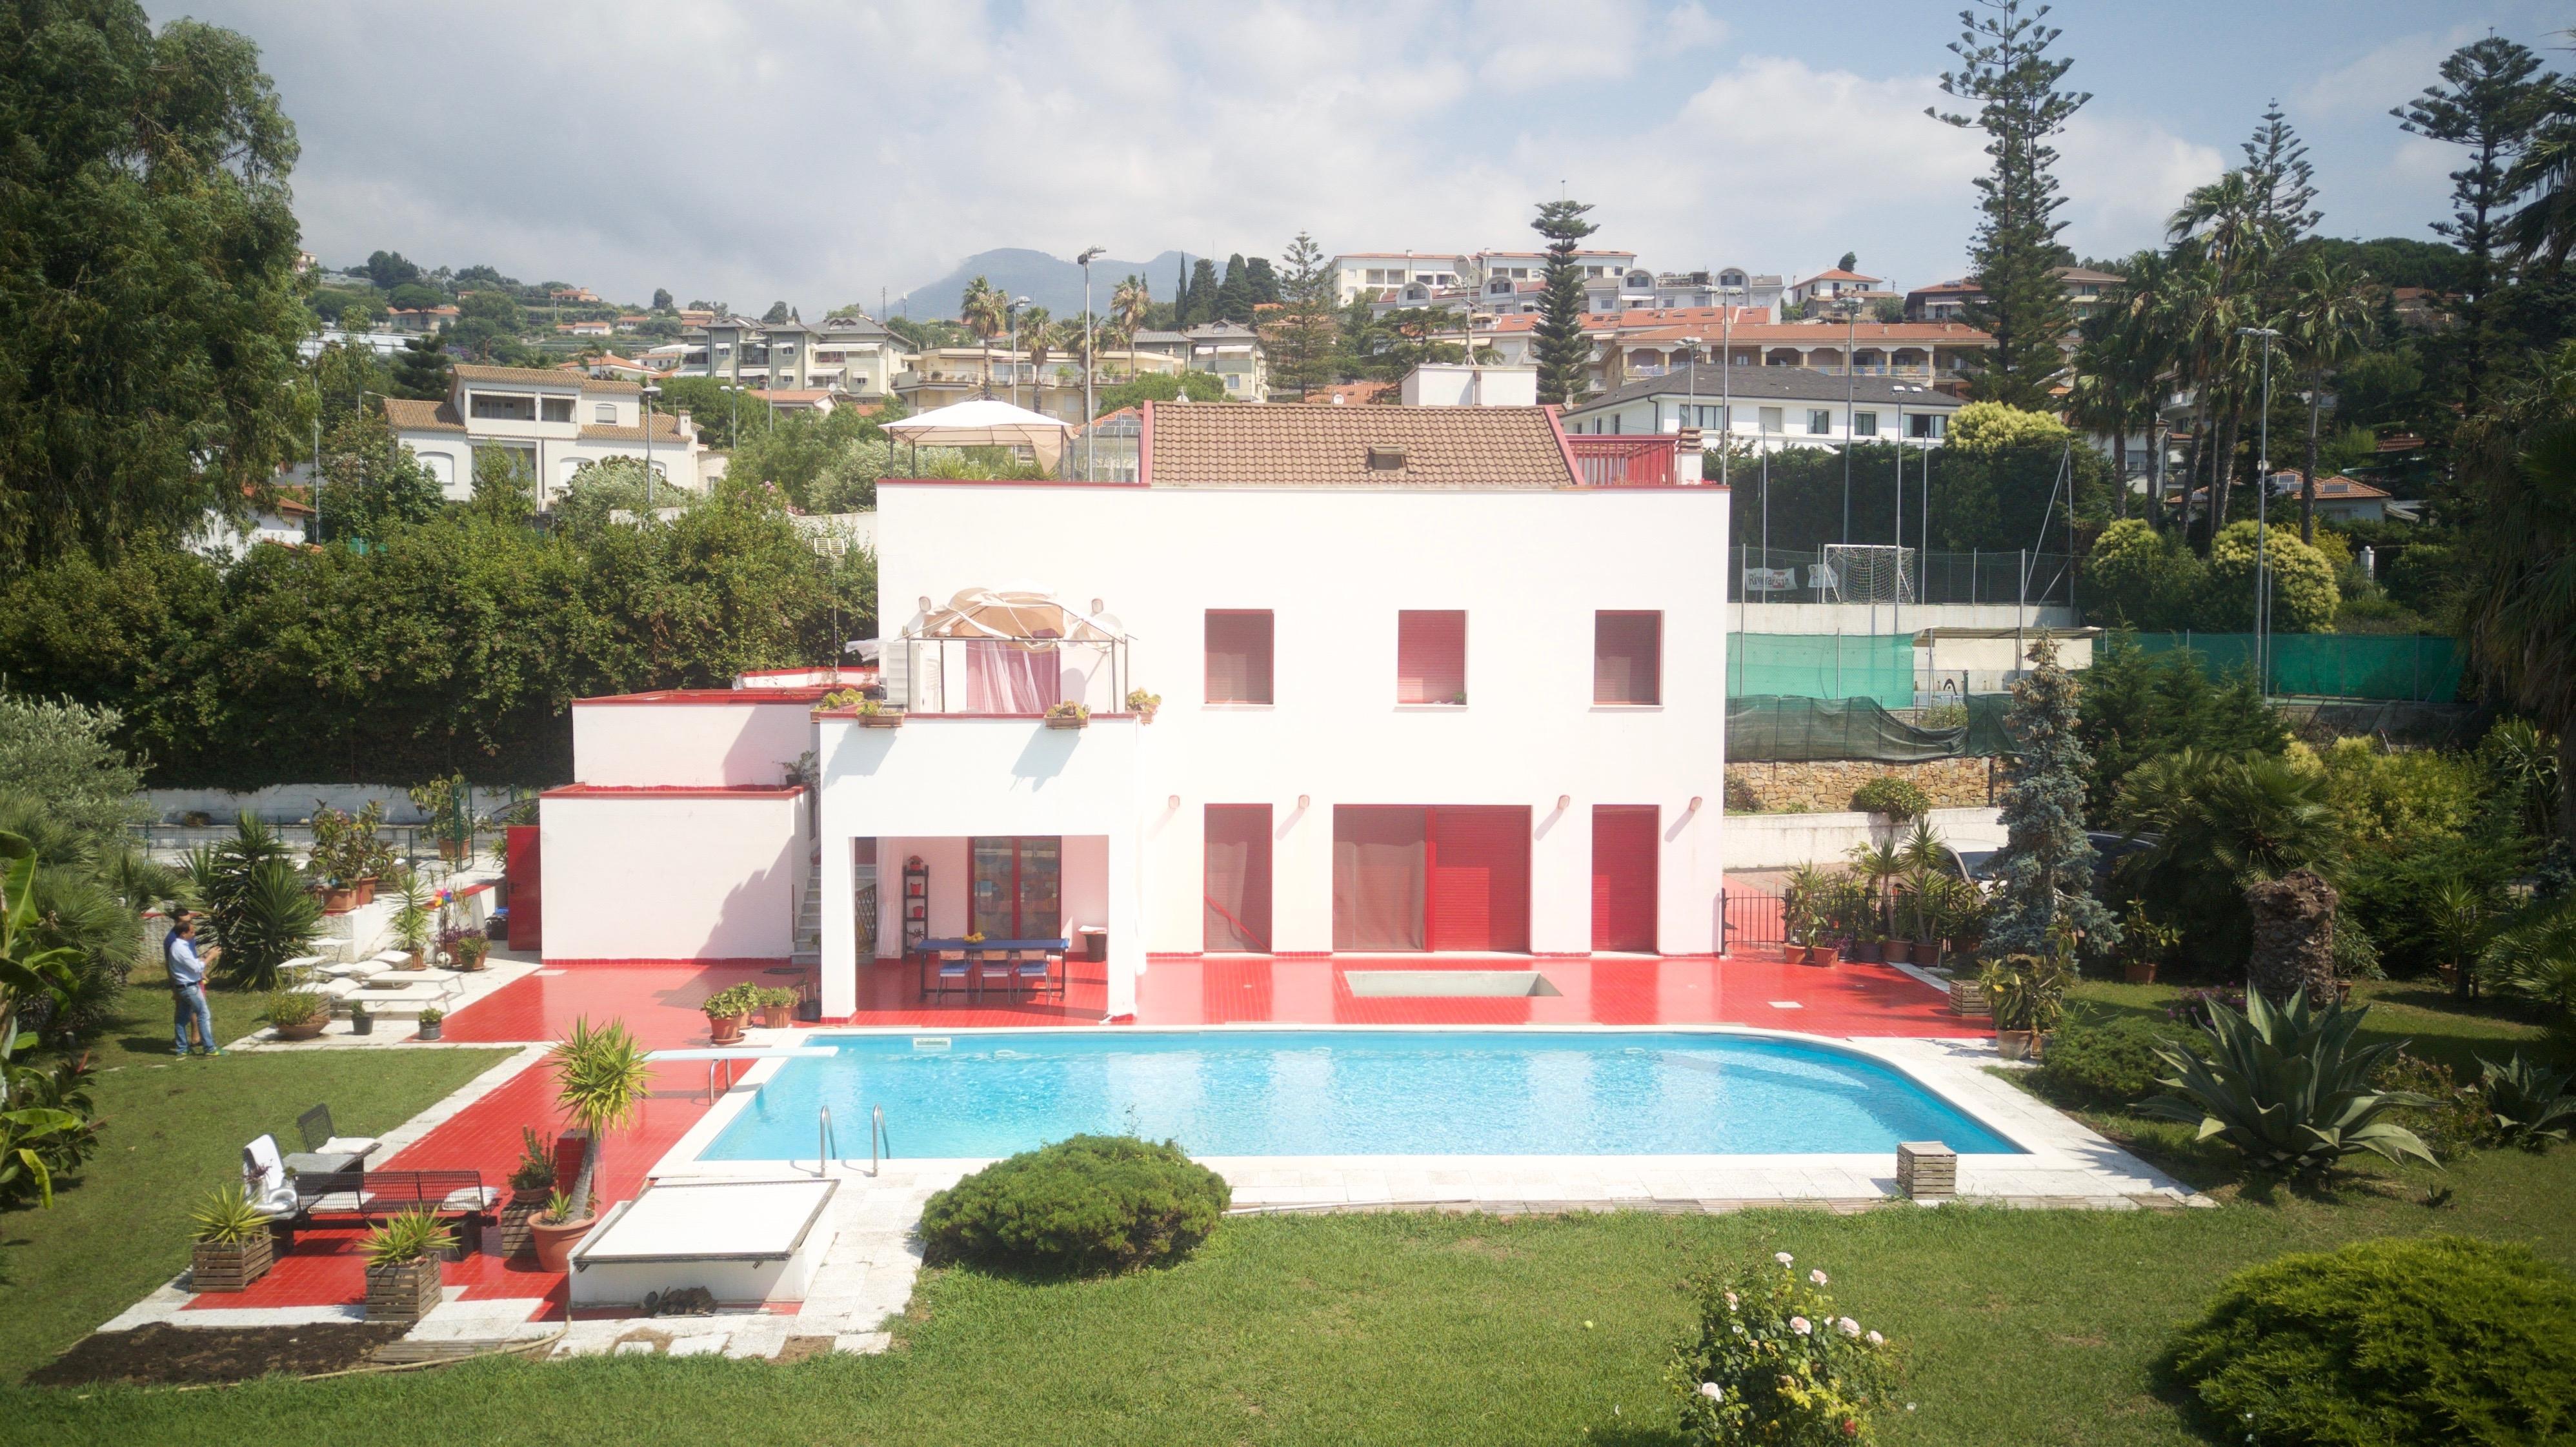 Sanremo Villa zu verkaufen mit Meerblick<br />1/21